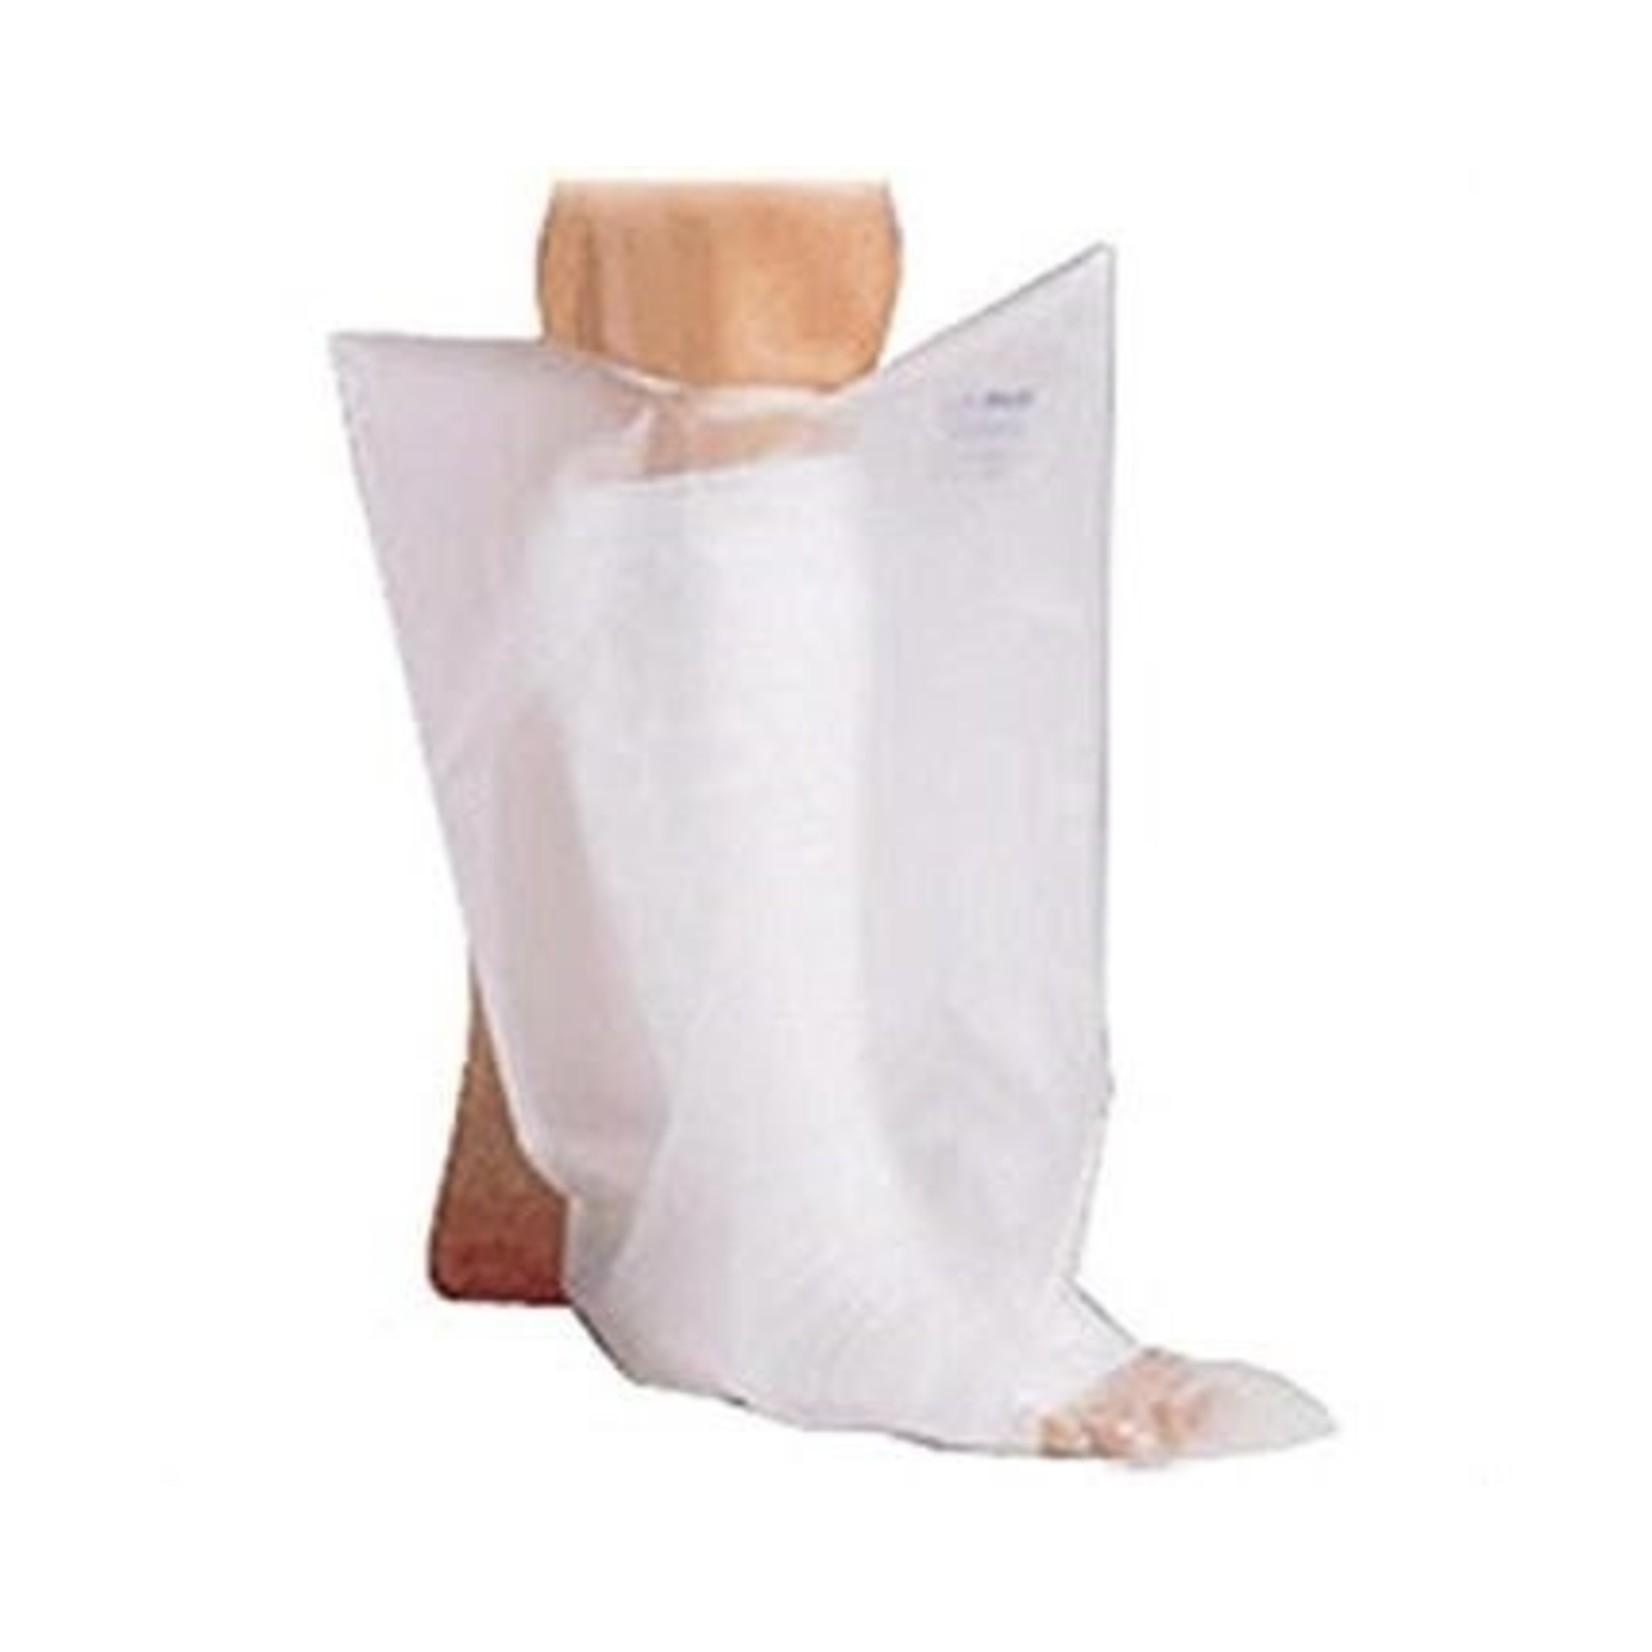 FLA Orthopedics CAST PROTECTOR FULL LEG ADULT RET